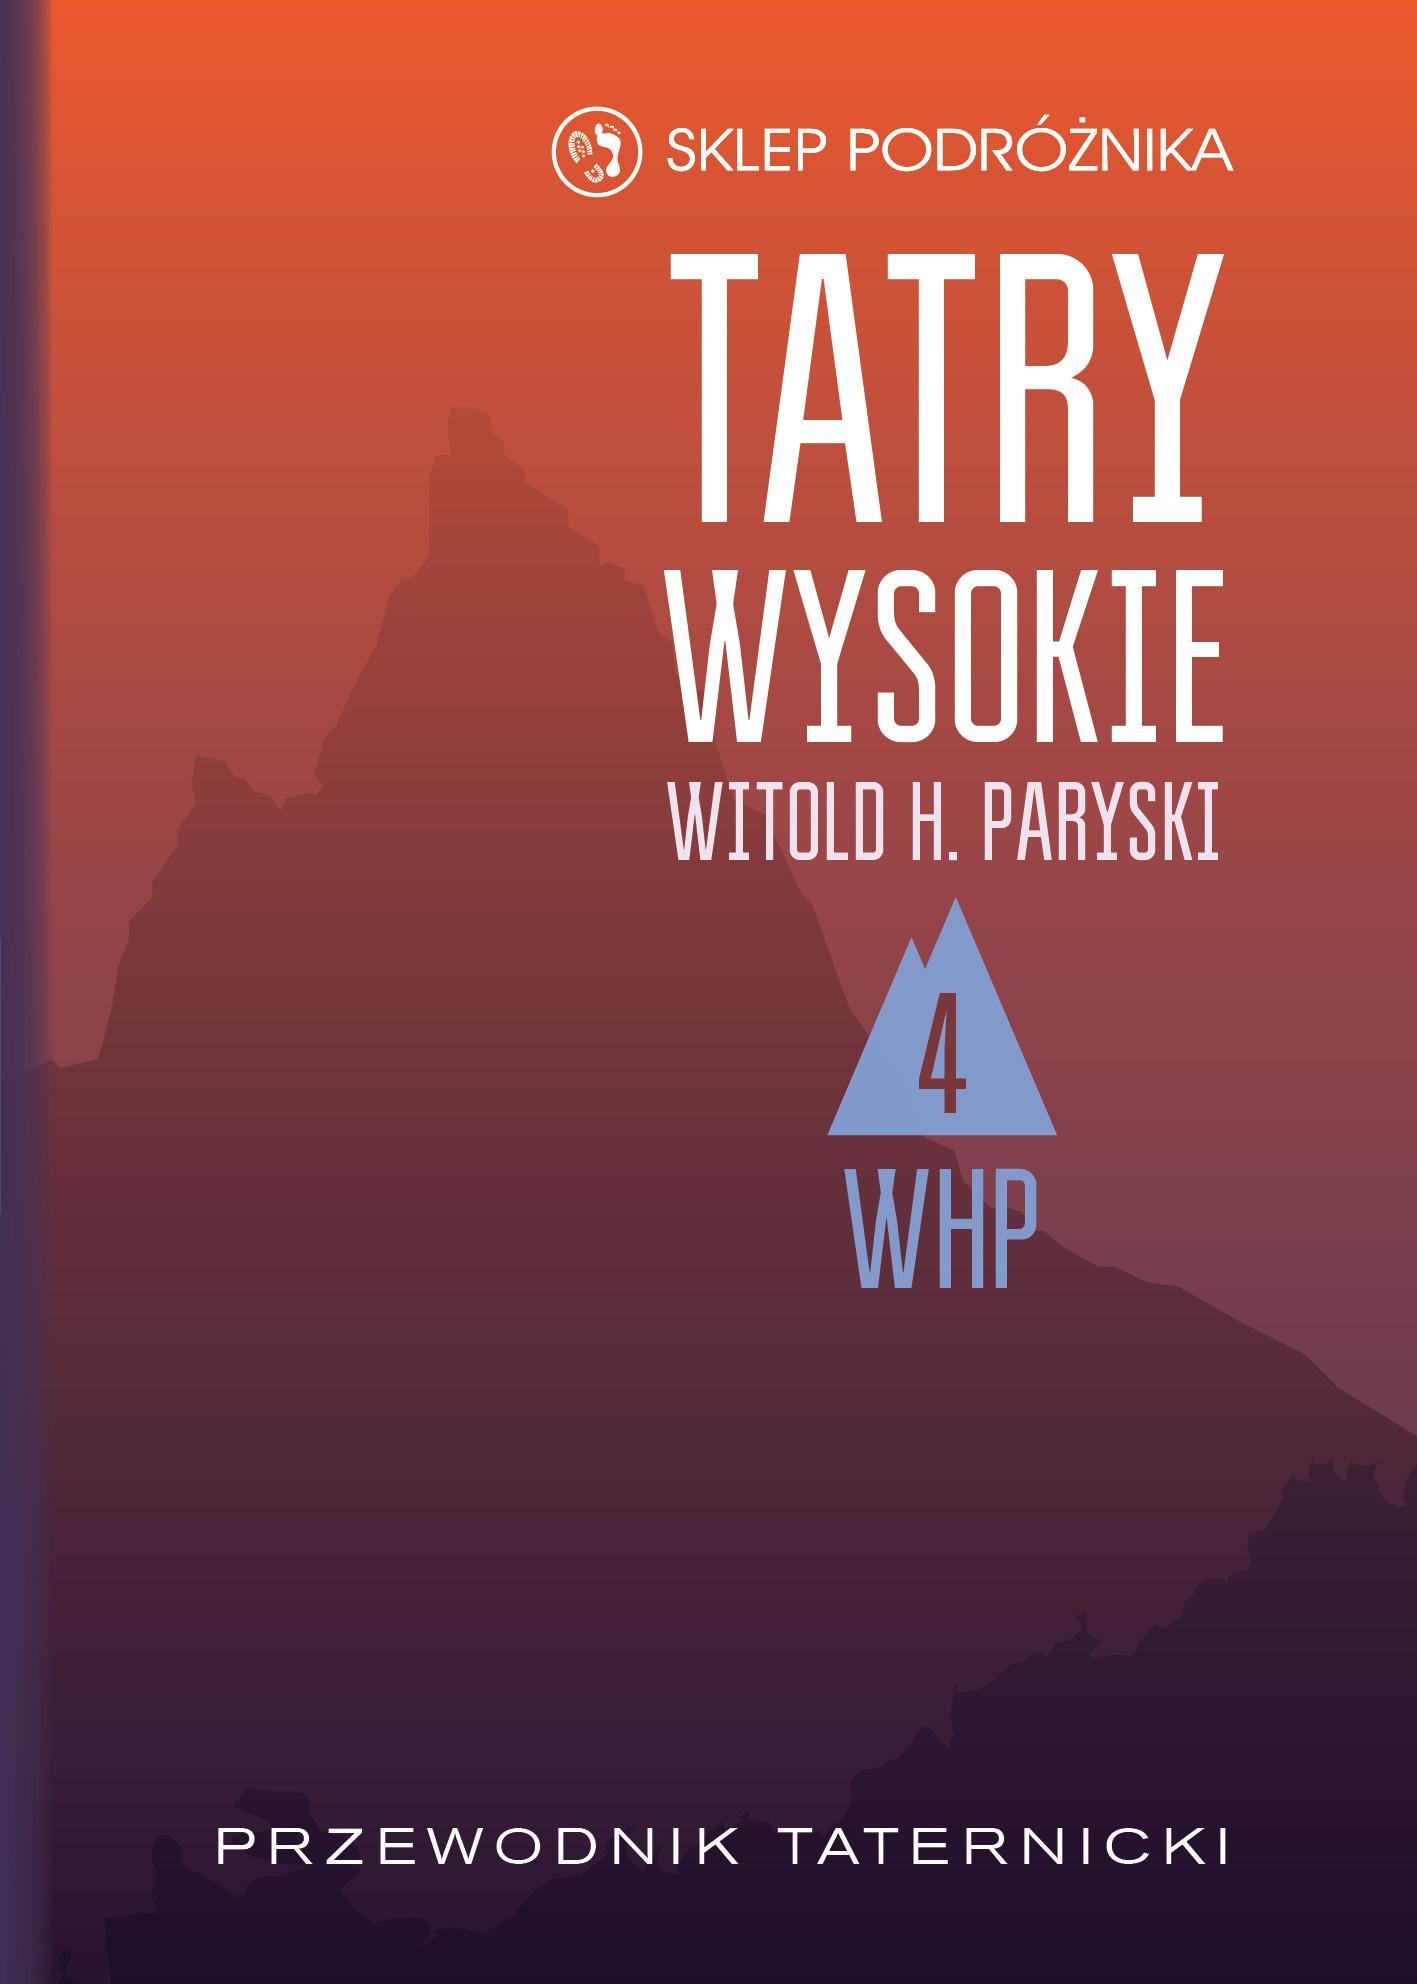 Tatry Wysokie. Przewodnik taternicki t. 4